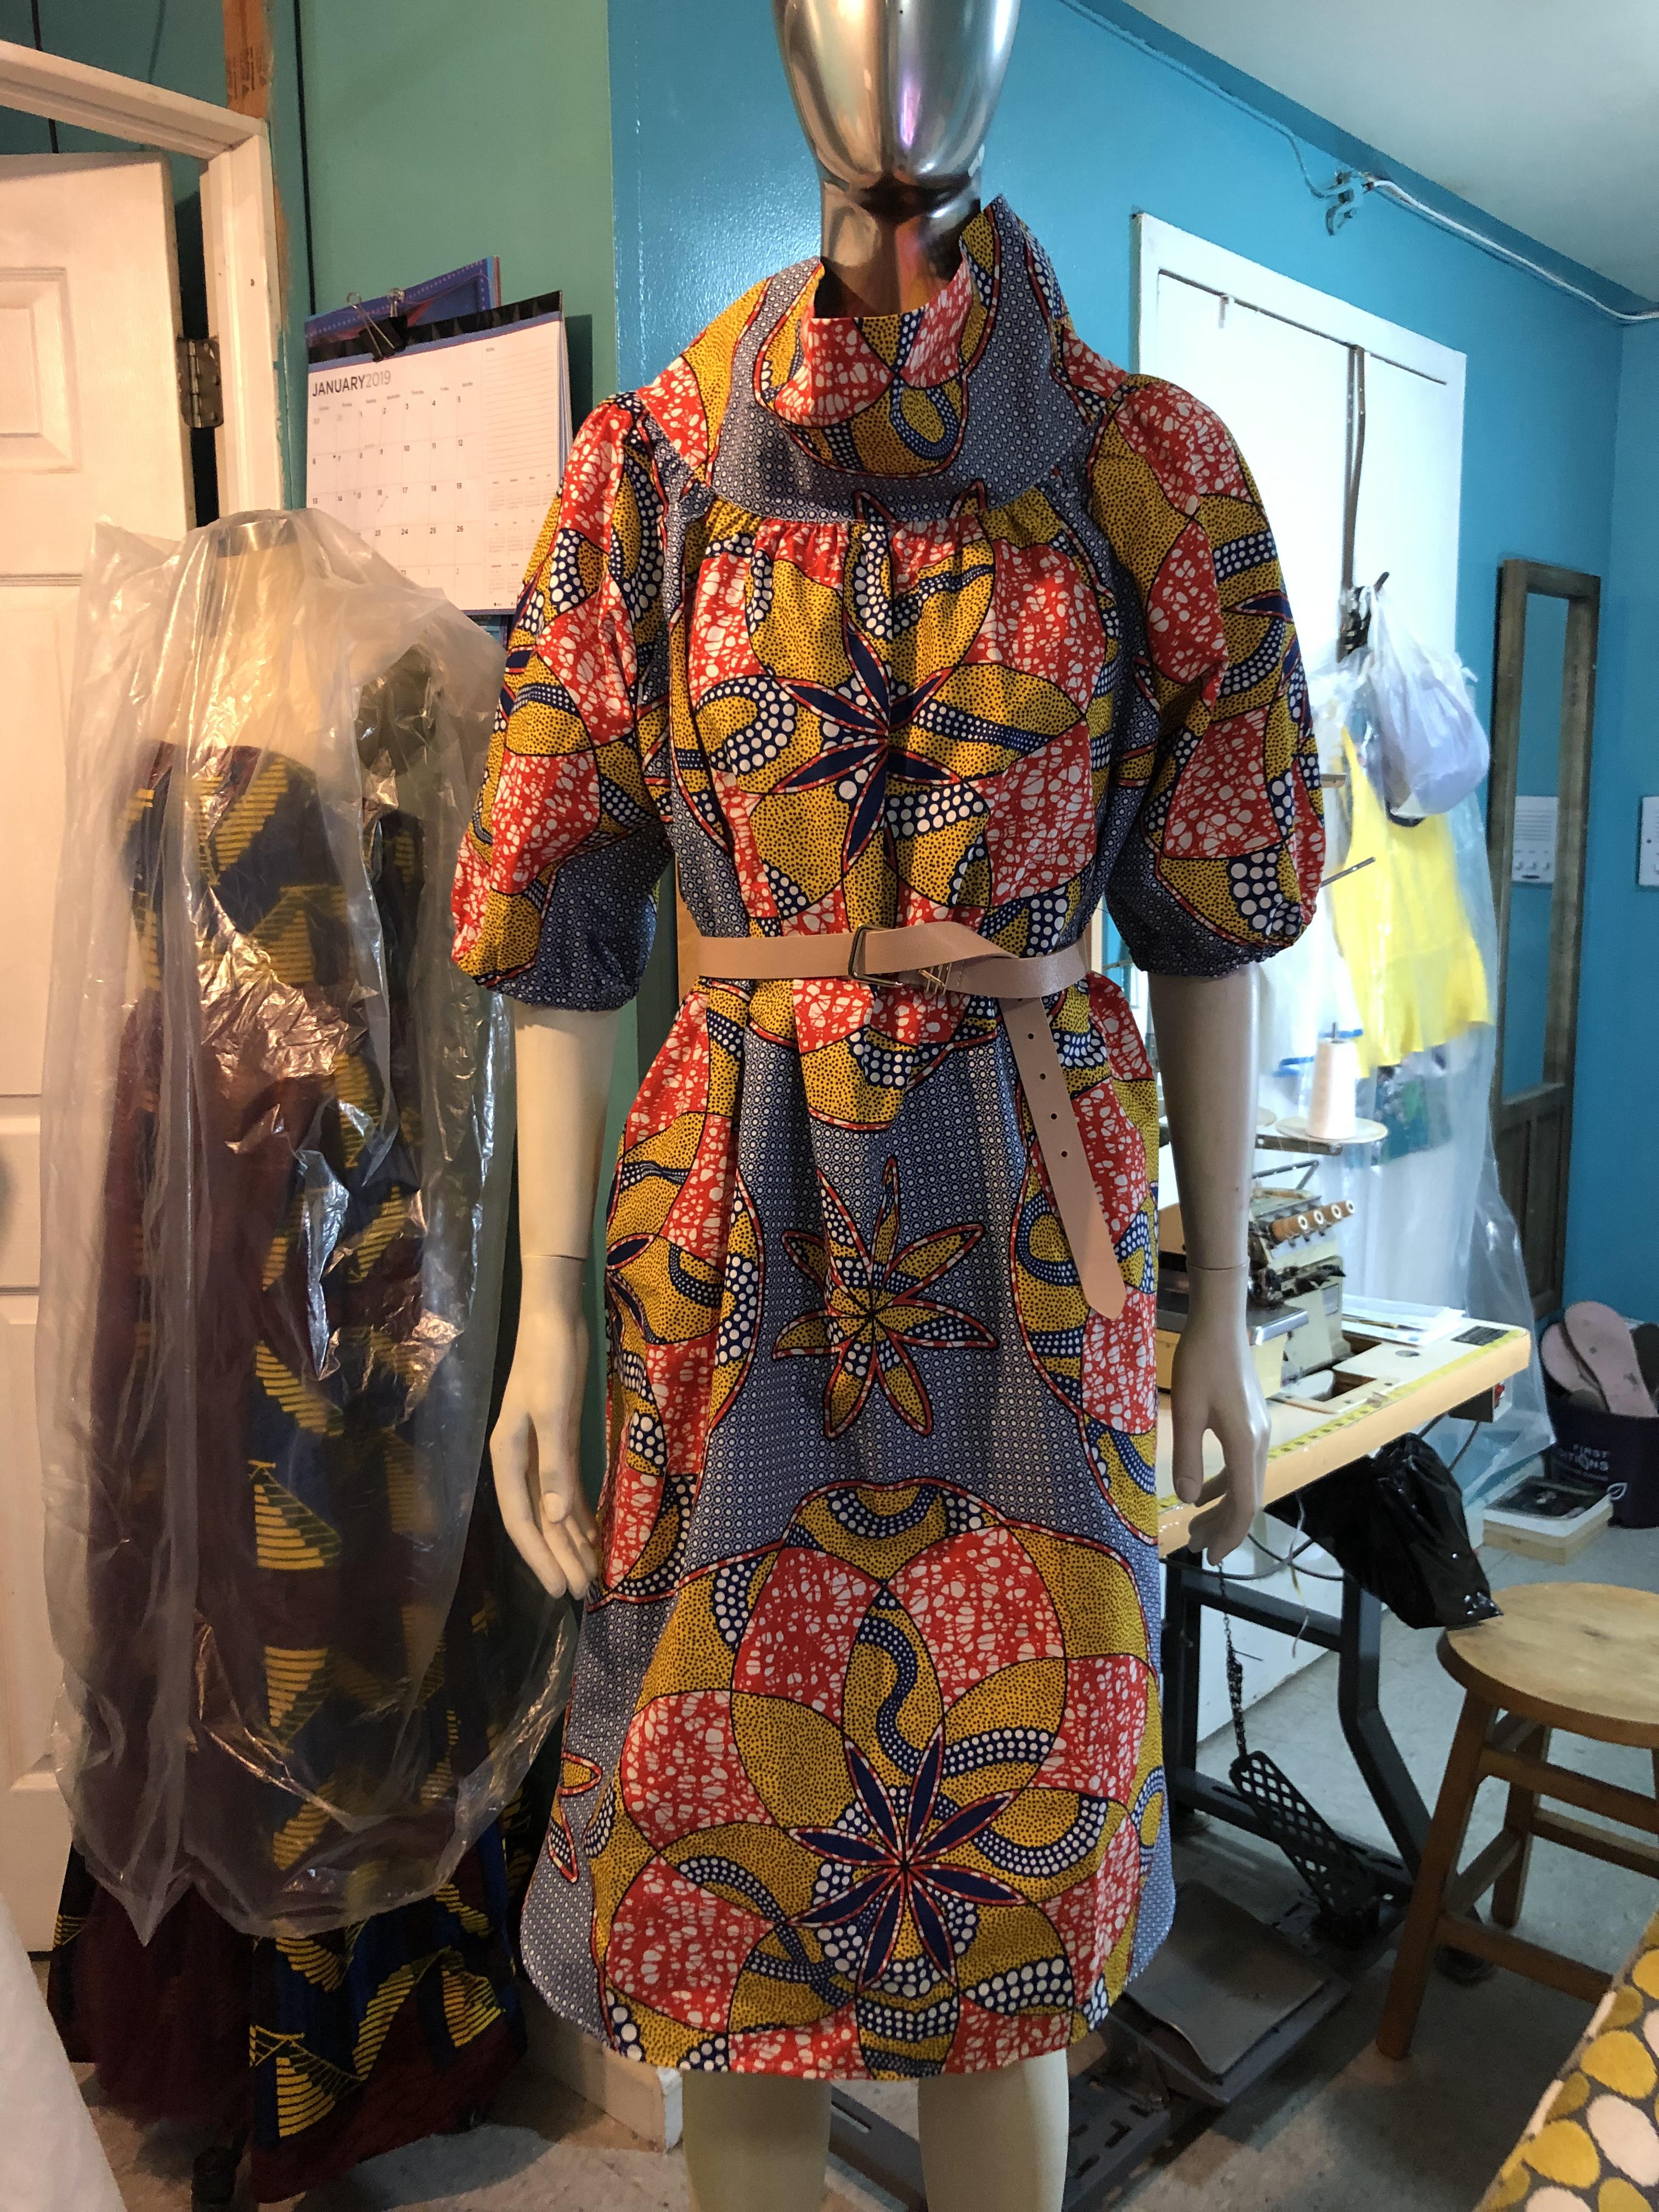 Custom Clothing Design Consultation